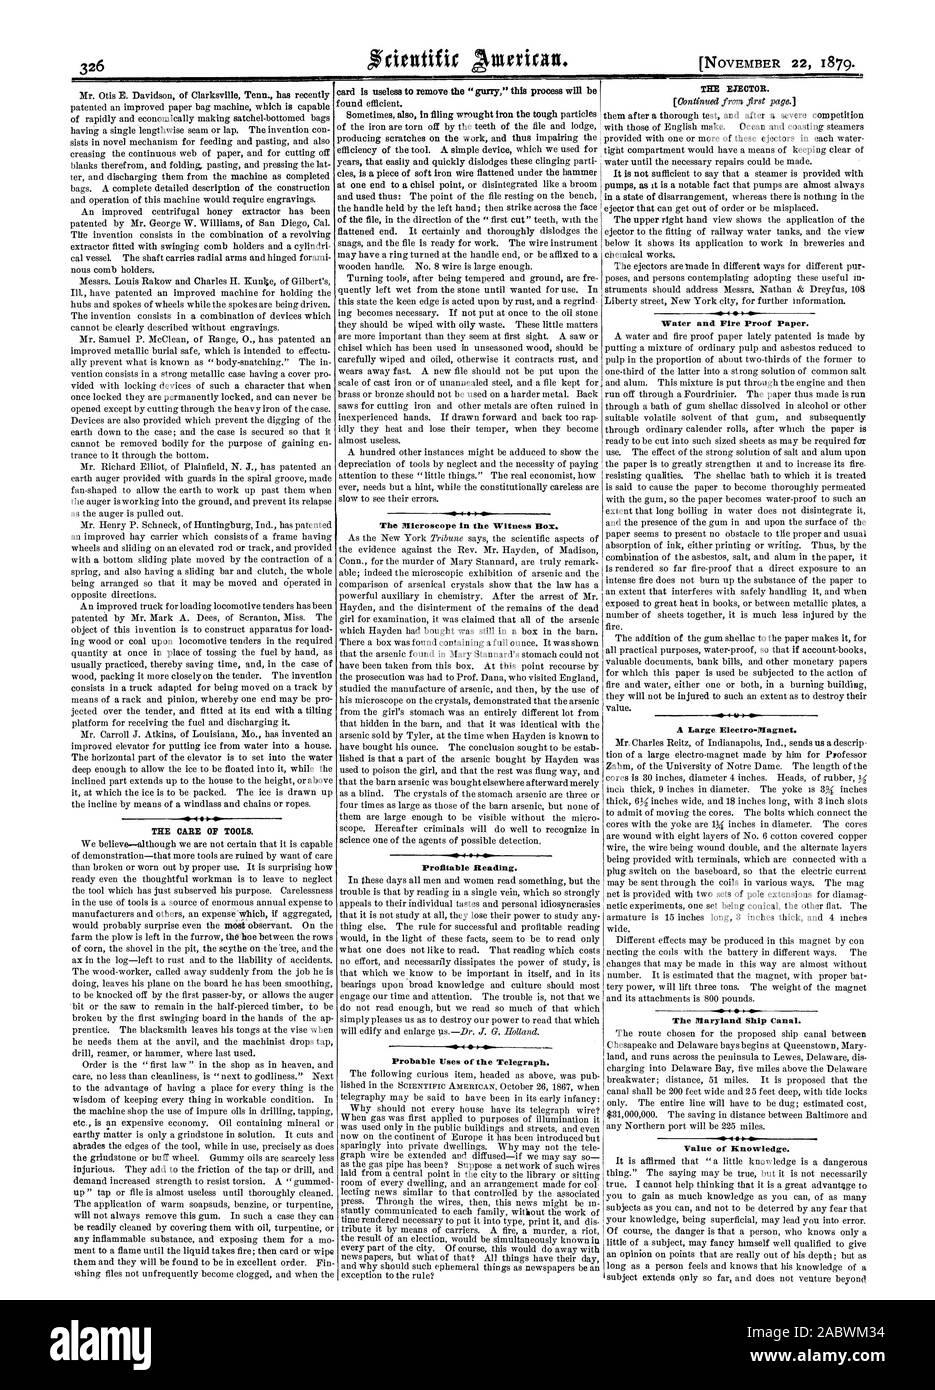 Tarjeta es inútil para extraer el ' gurry' este proceso será rentable a la lectura. Usos probables del telégrafo. f agua y papel a prueba de incendios. Un gran Electro.imán. El Maryland Ship Canal. Valor del conocimiento., Scientific American, 1879-11-22 Foto de stock